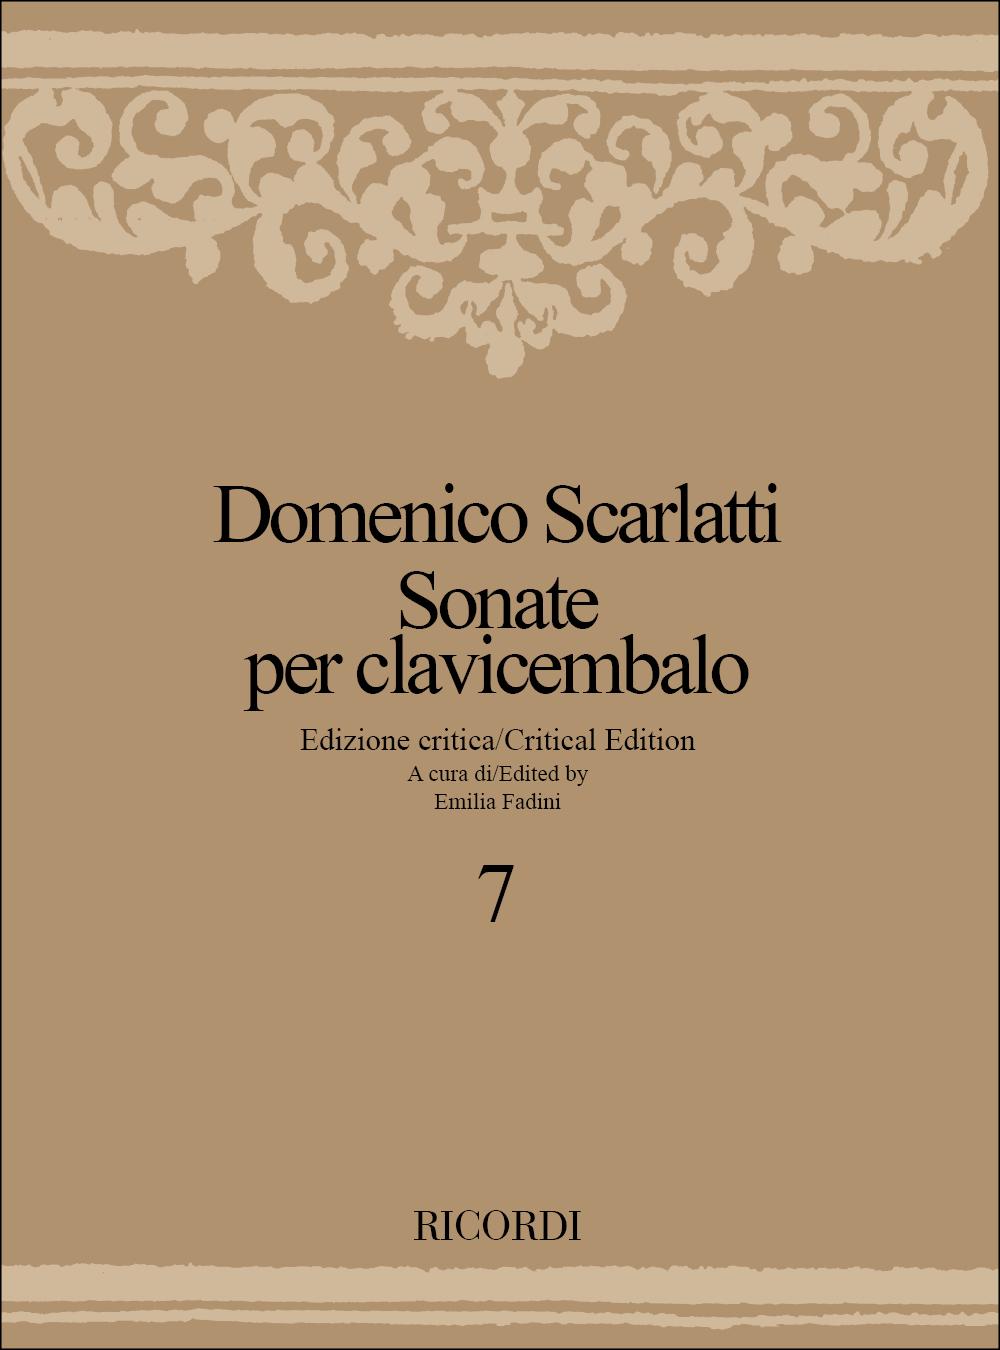 Domenico Scarlatti: Sonate Per Clavicembalo - Volume 7: Harpsichord